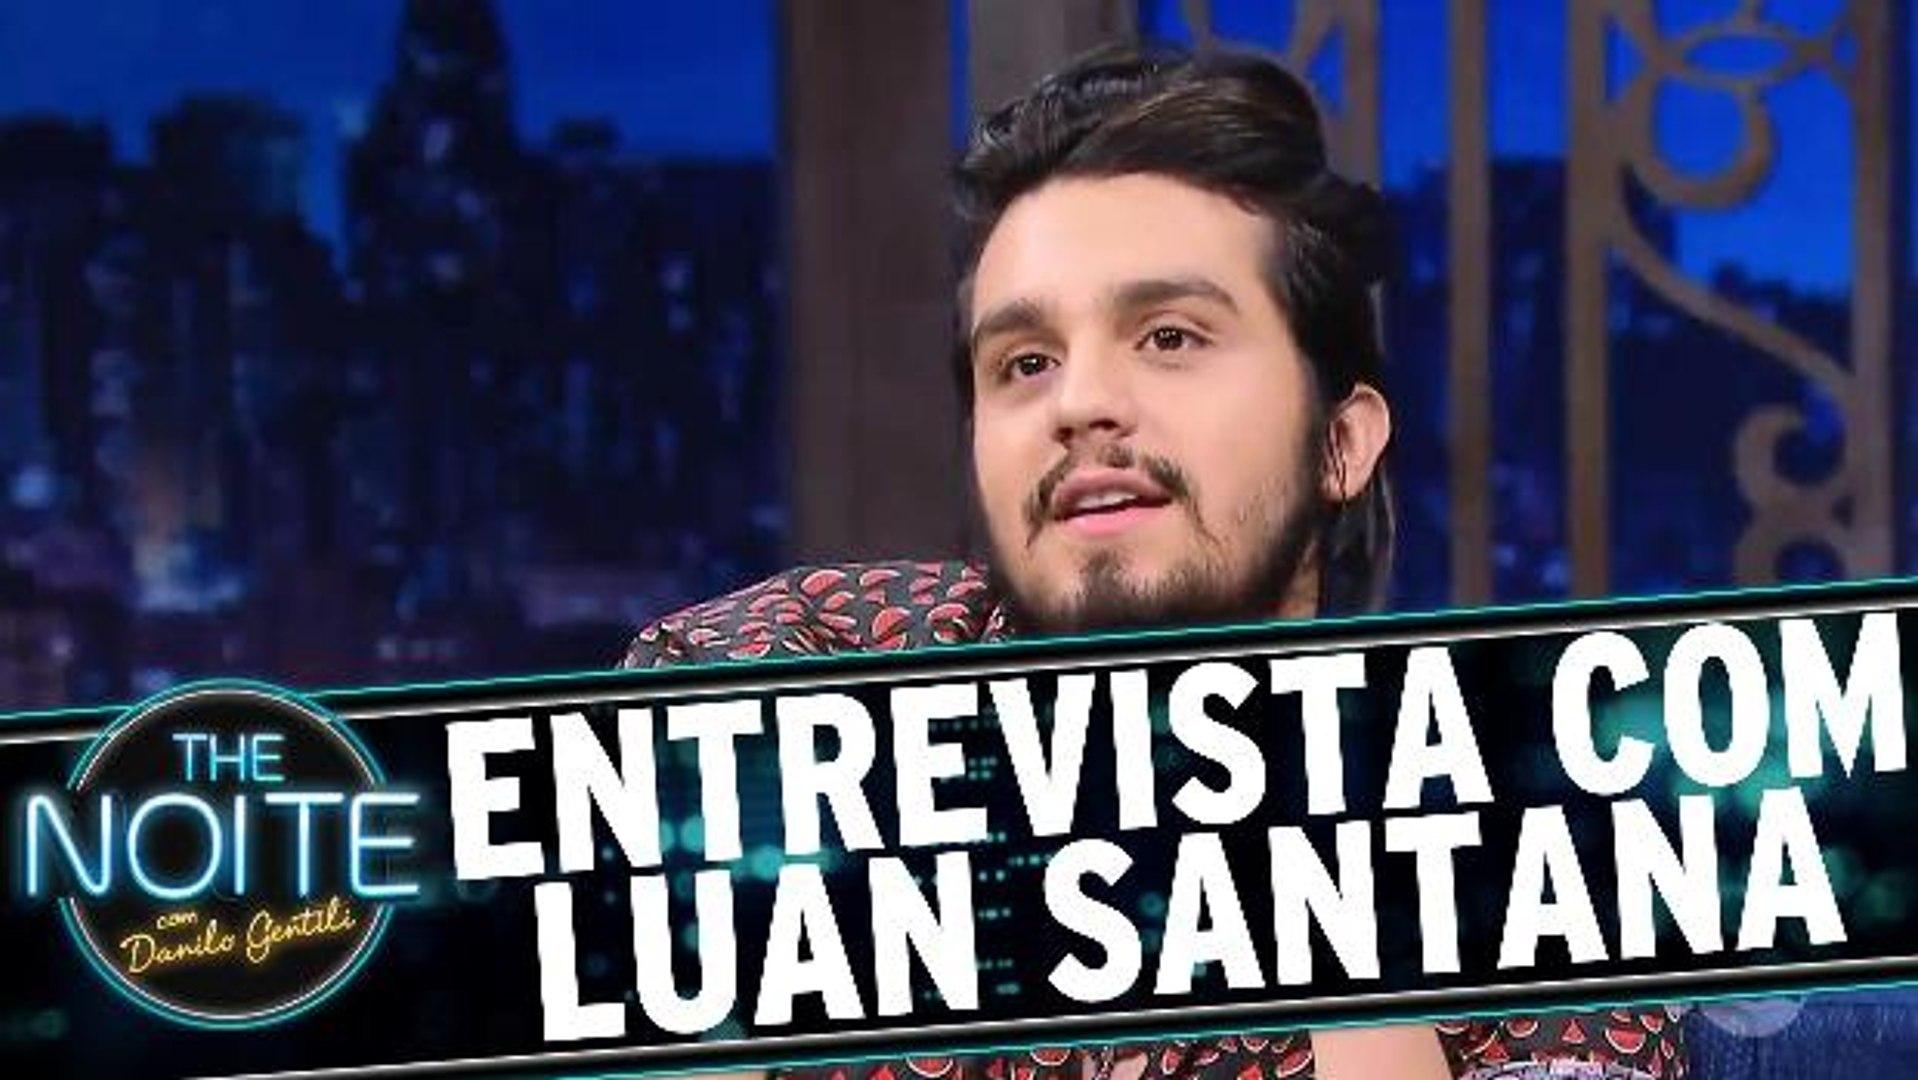 Entrevista com Luan Santana